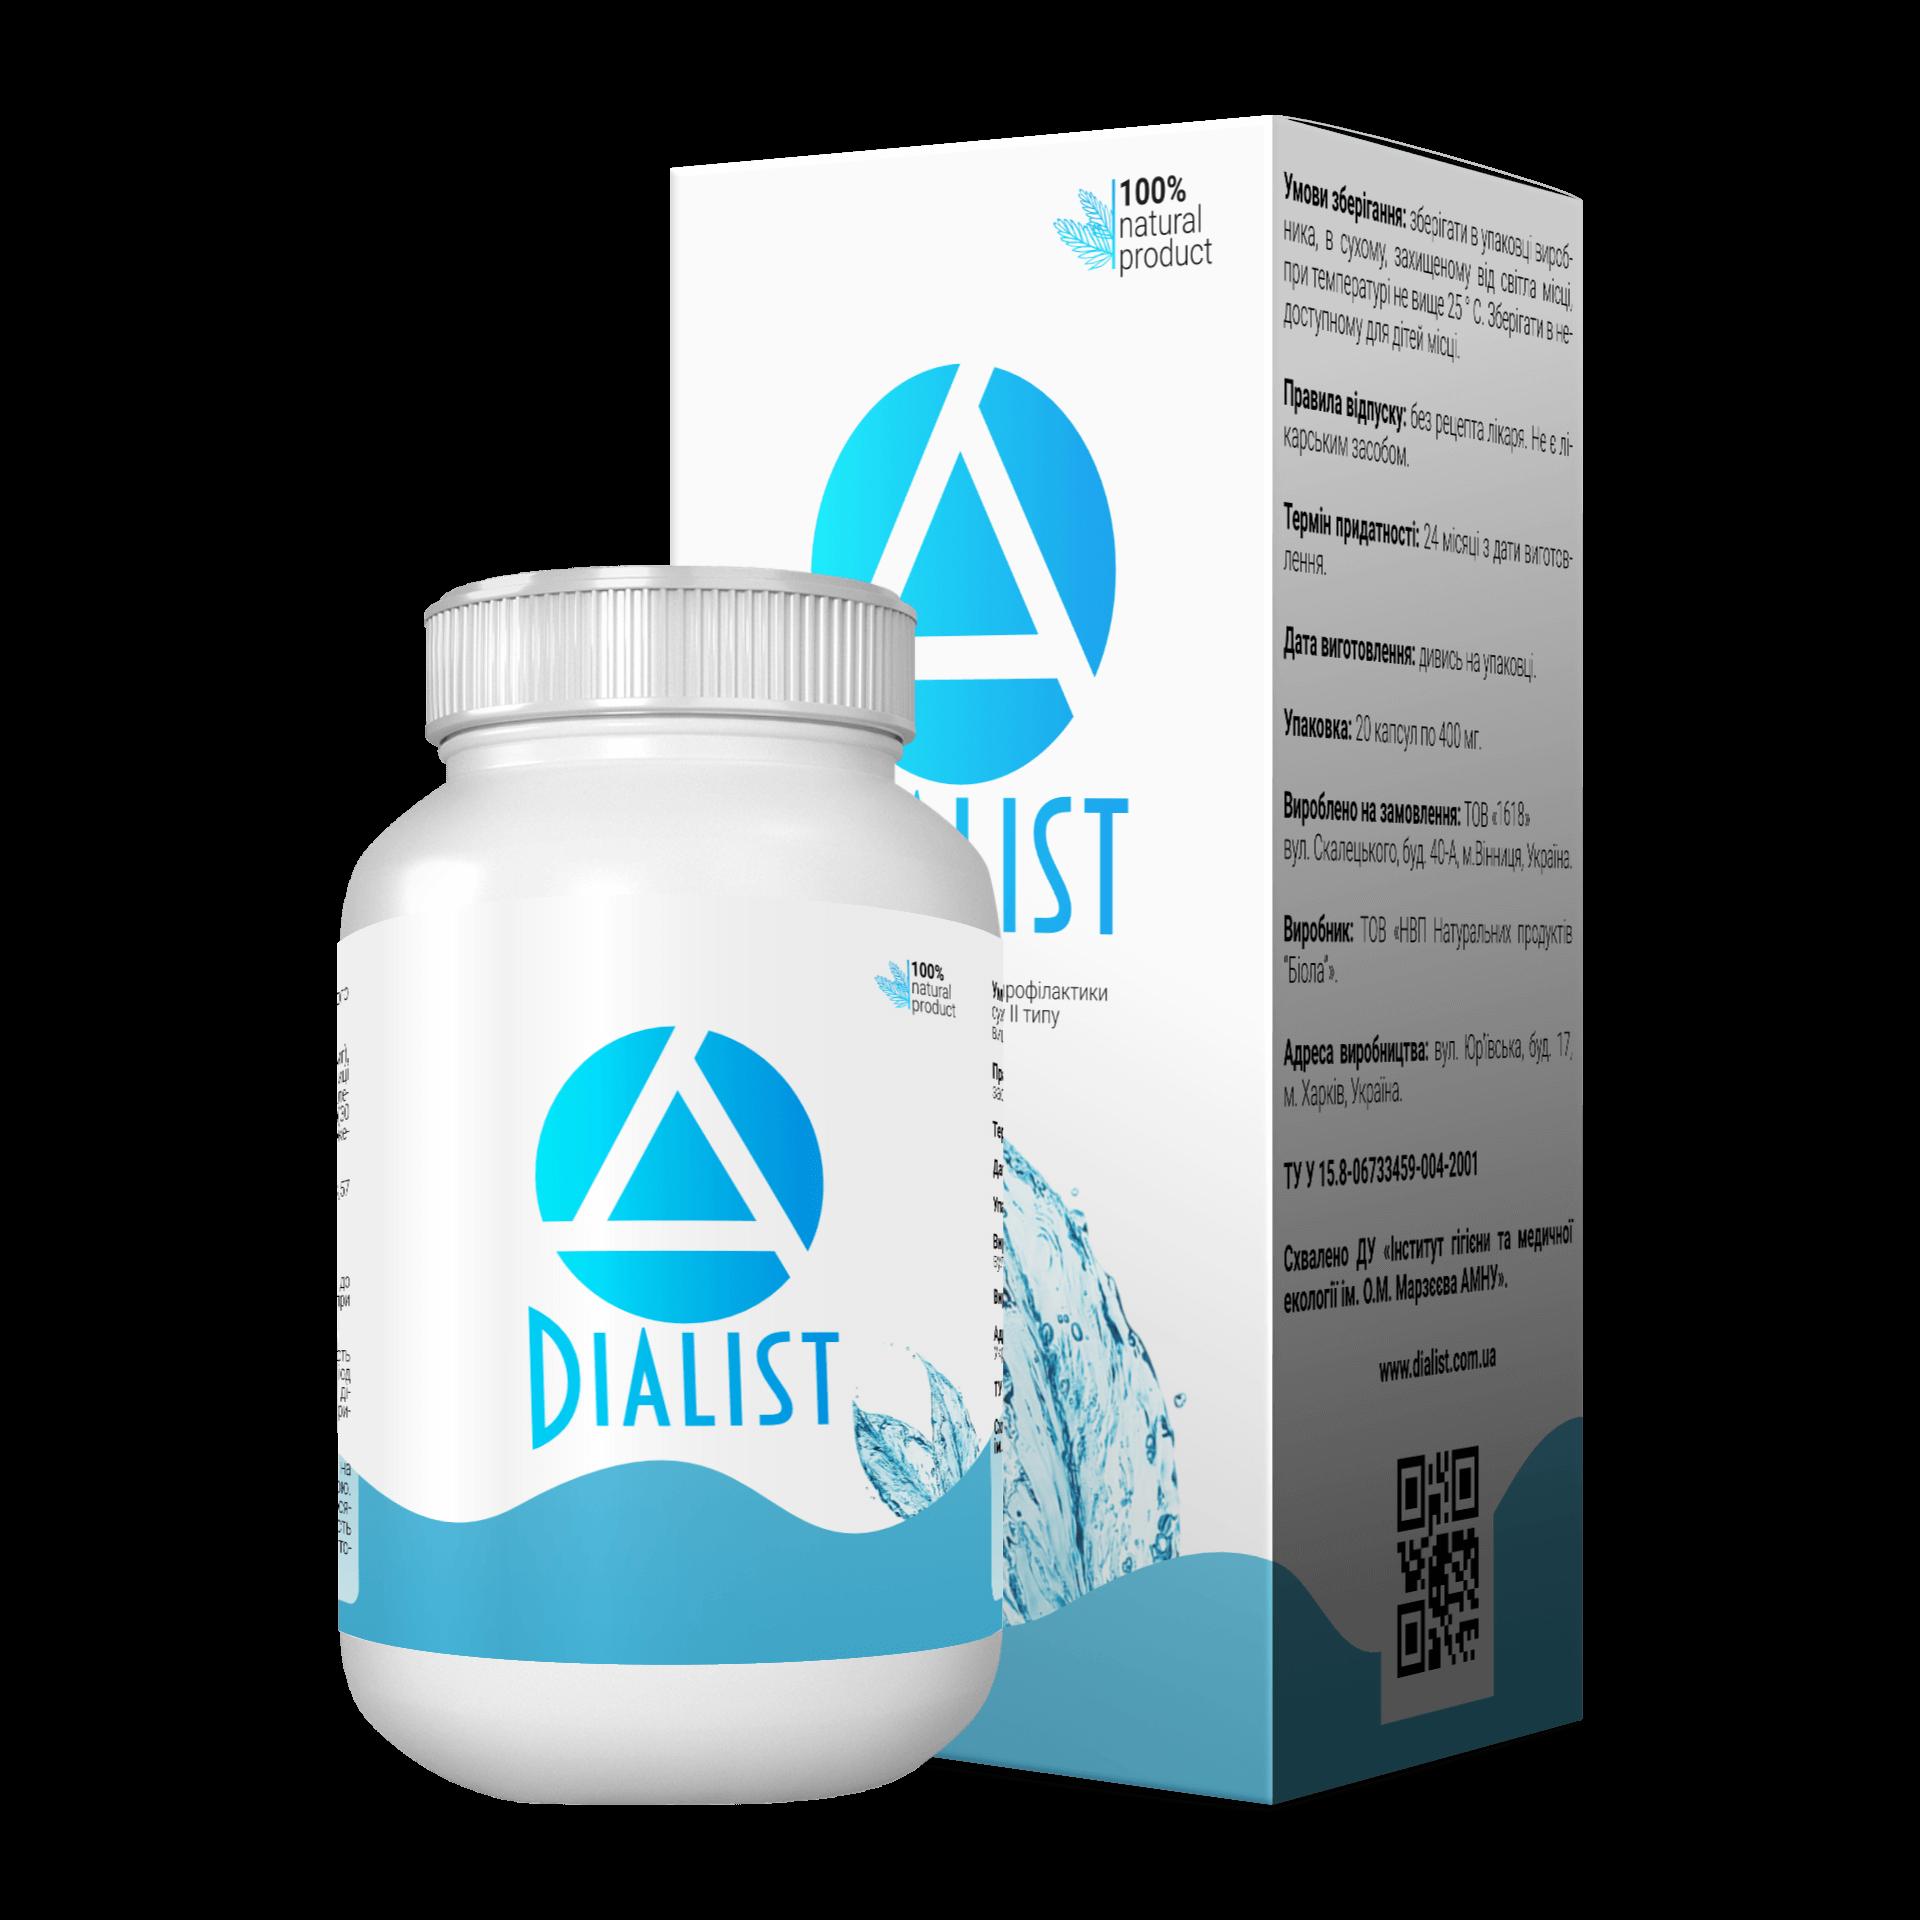 DIALIST натуральное от диабета в Щекине